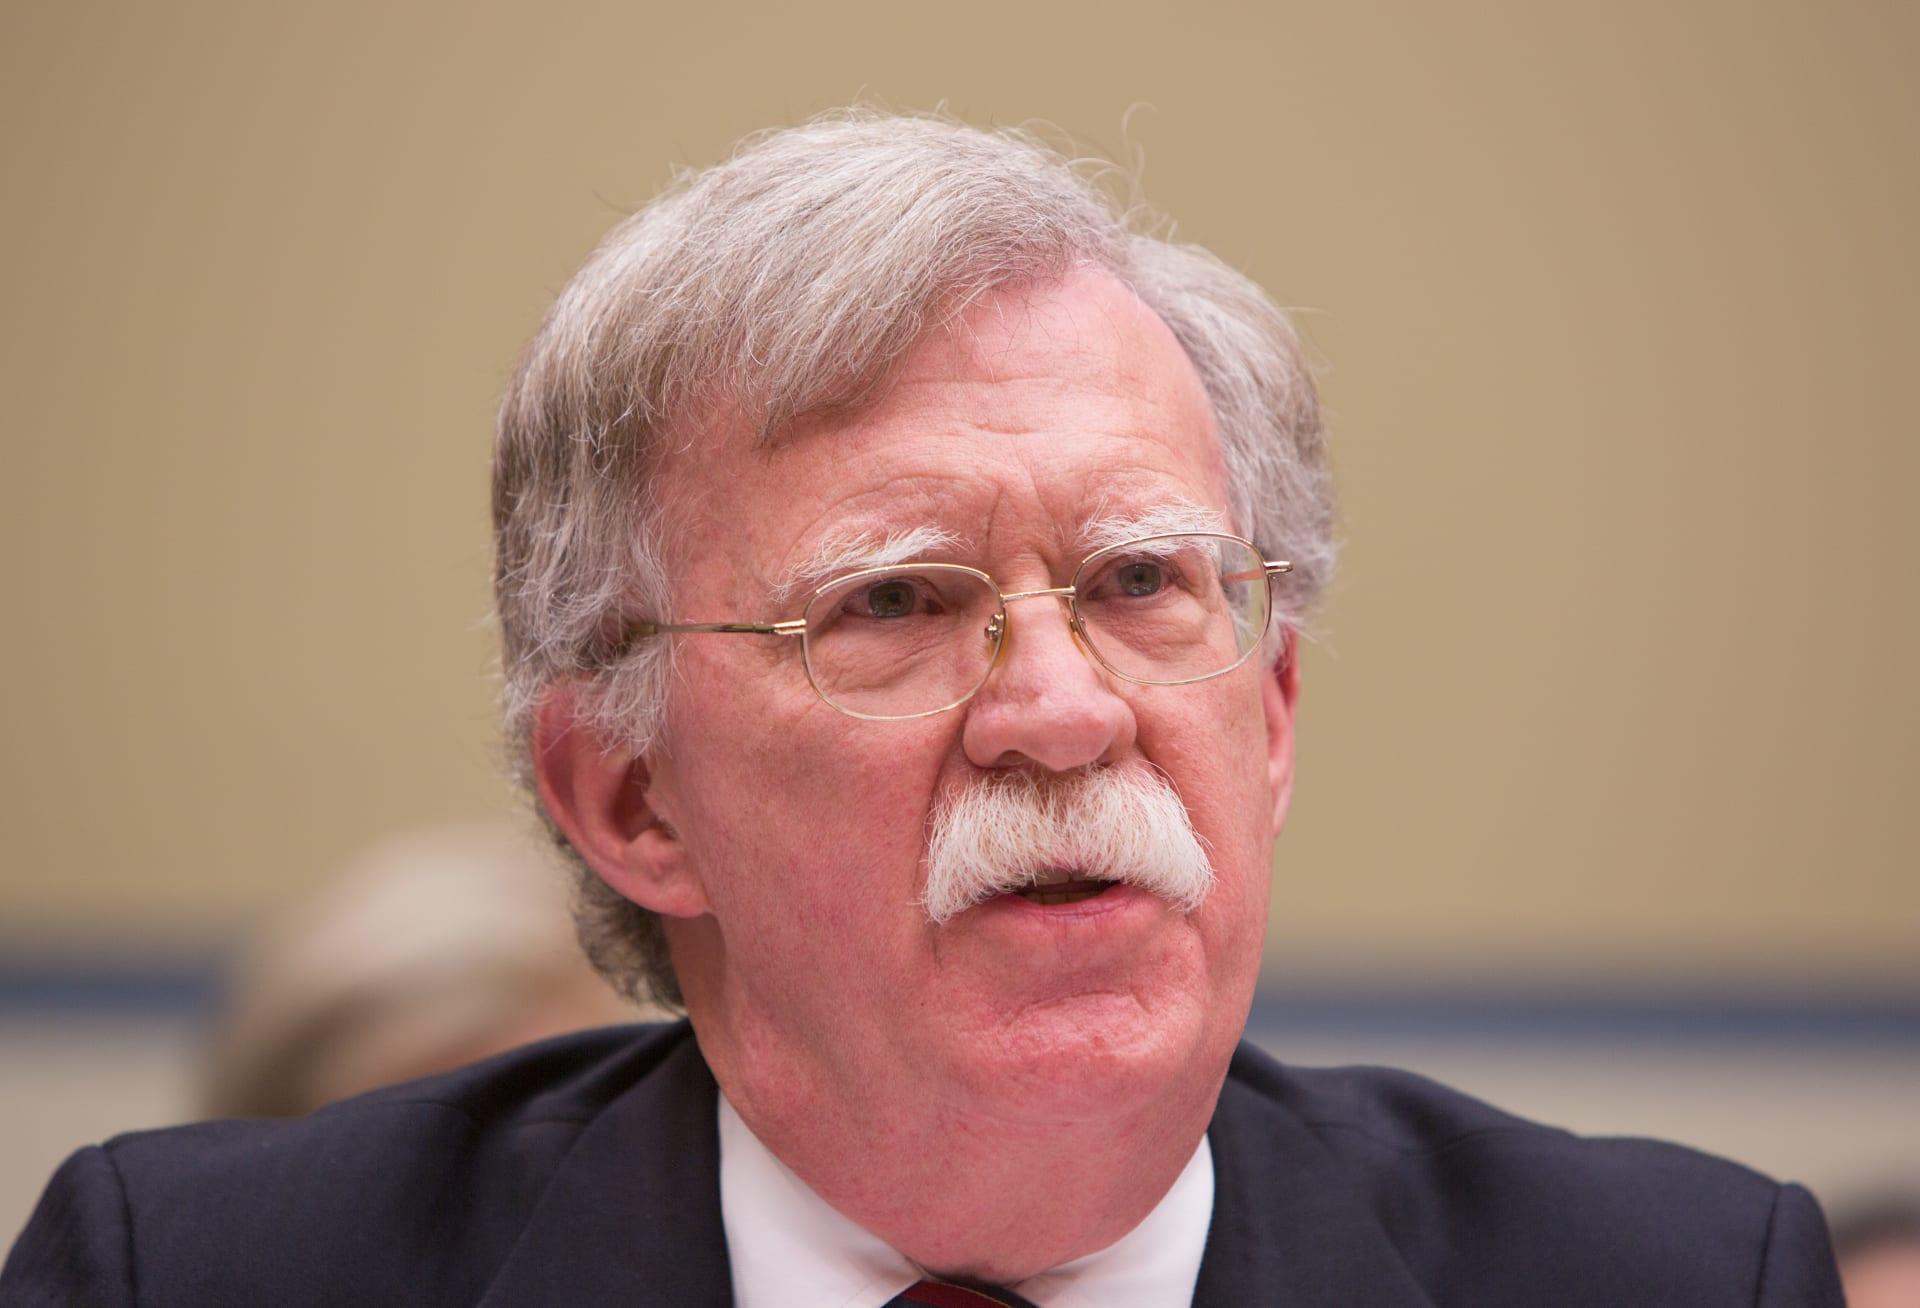 مسؤولان لـCNN: اجتماع لمجلس الأمن القومي الأمريكي لمناقشة الأوضاع في سوريا